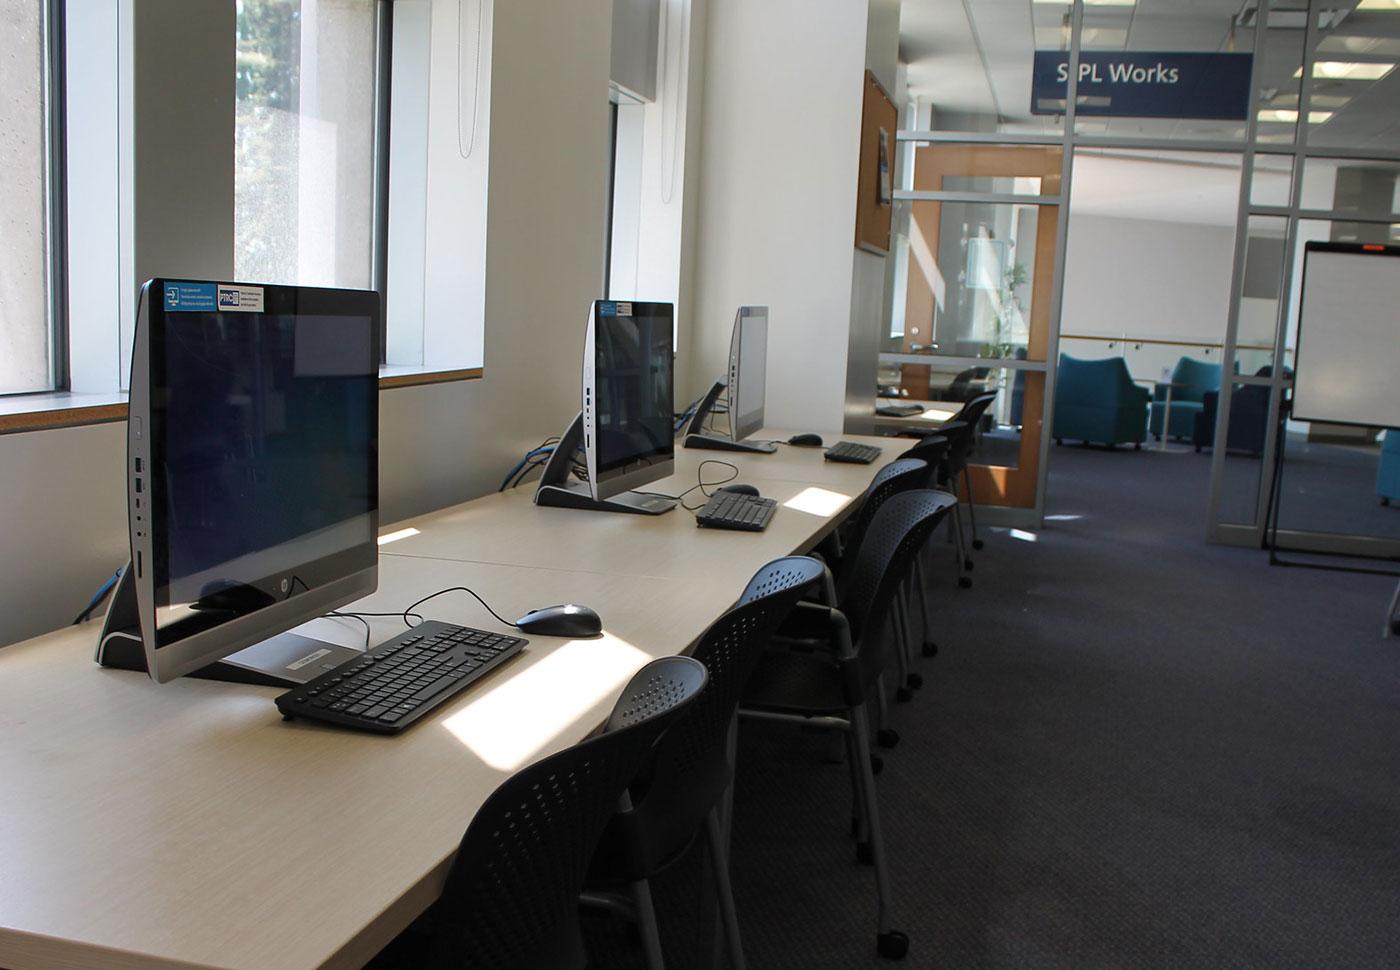 Tres computadoras de escritorio disponibles para su uso en SJPL Works